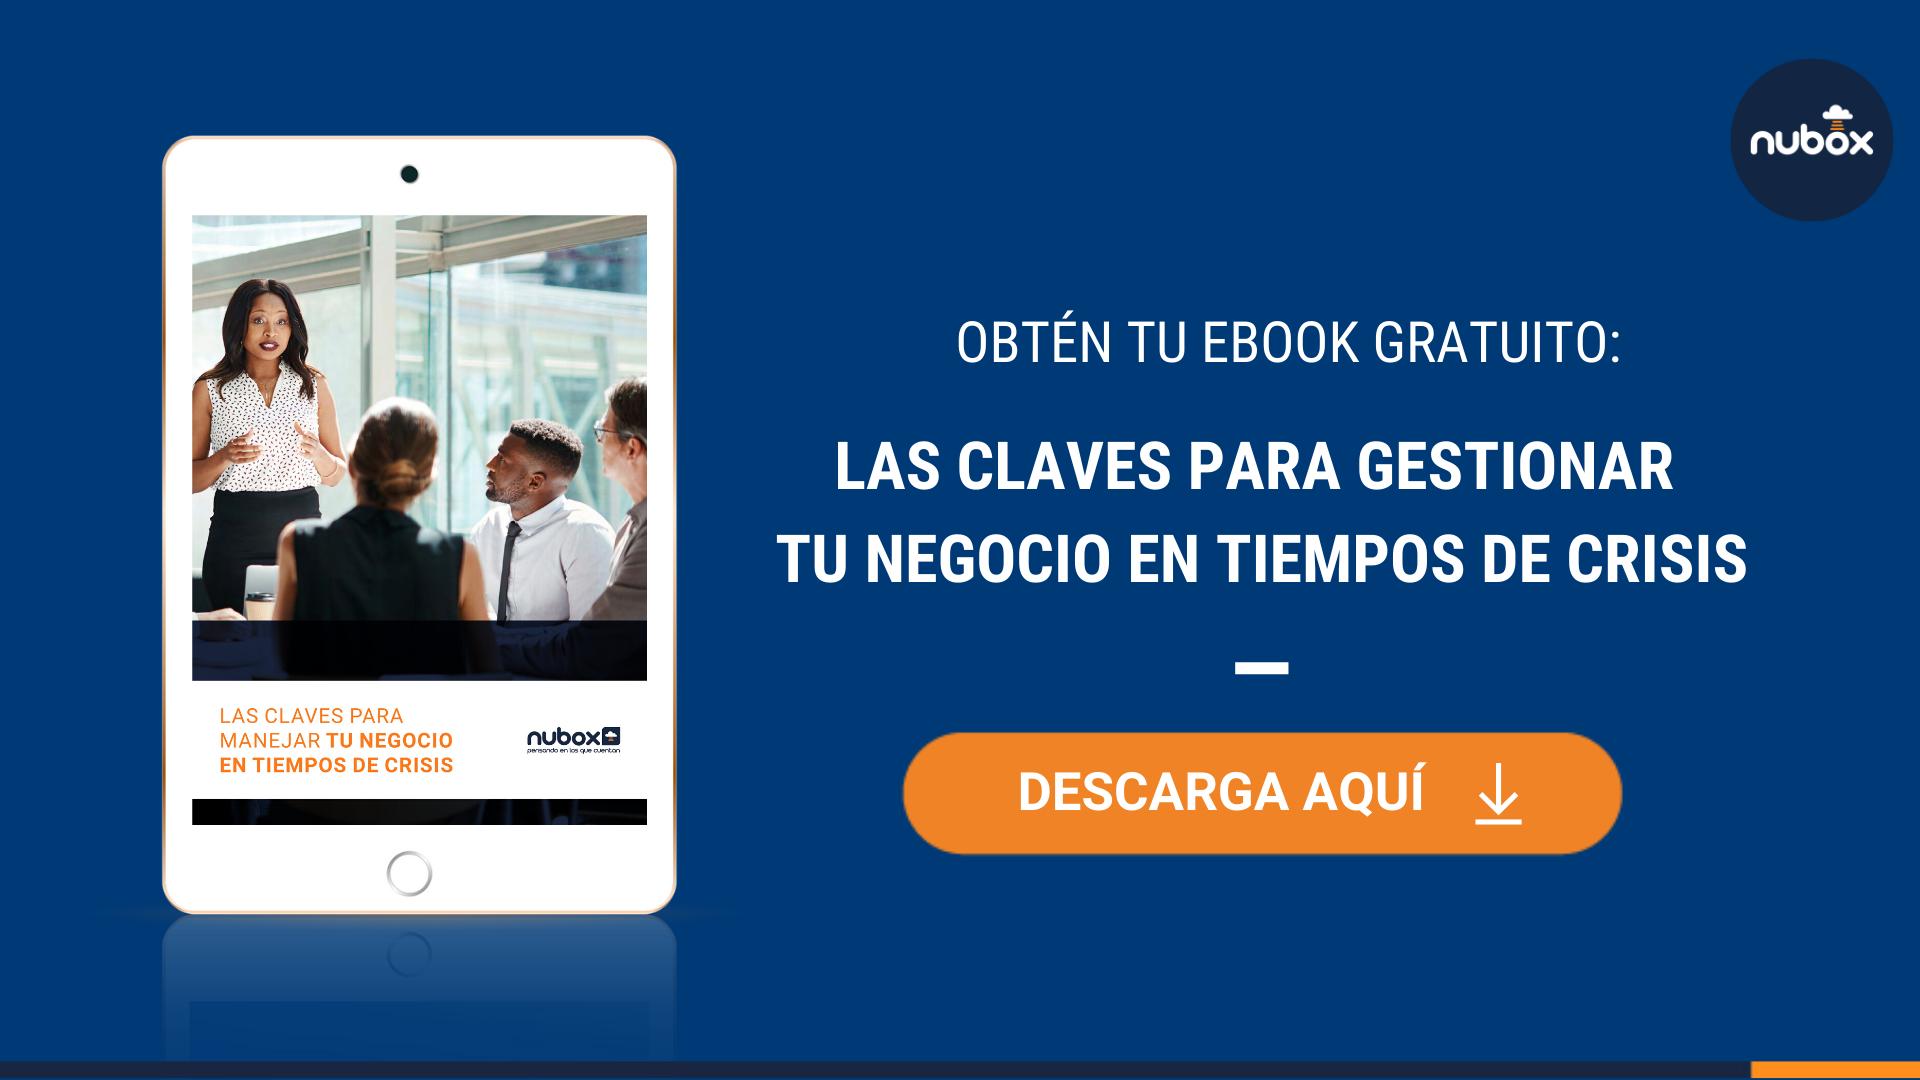 [Ebook Gratuito] Las claves para gestionar tu negocio en tiempos de crisis